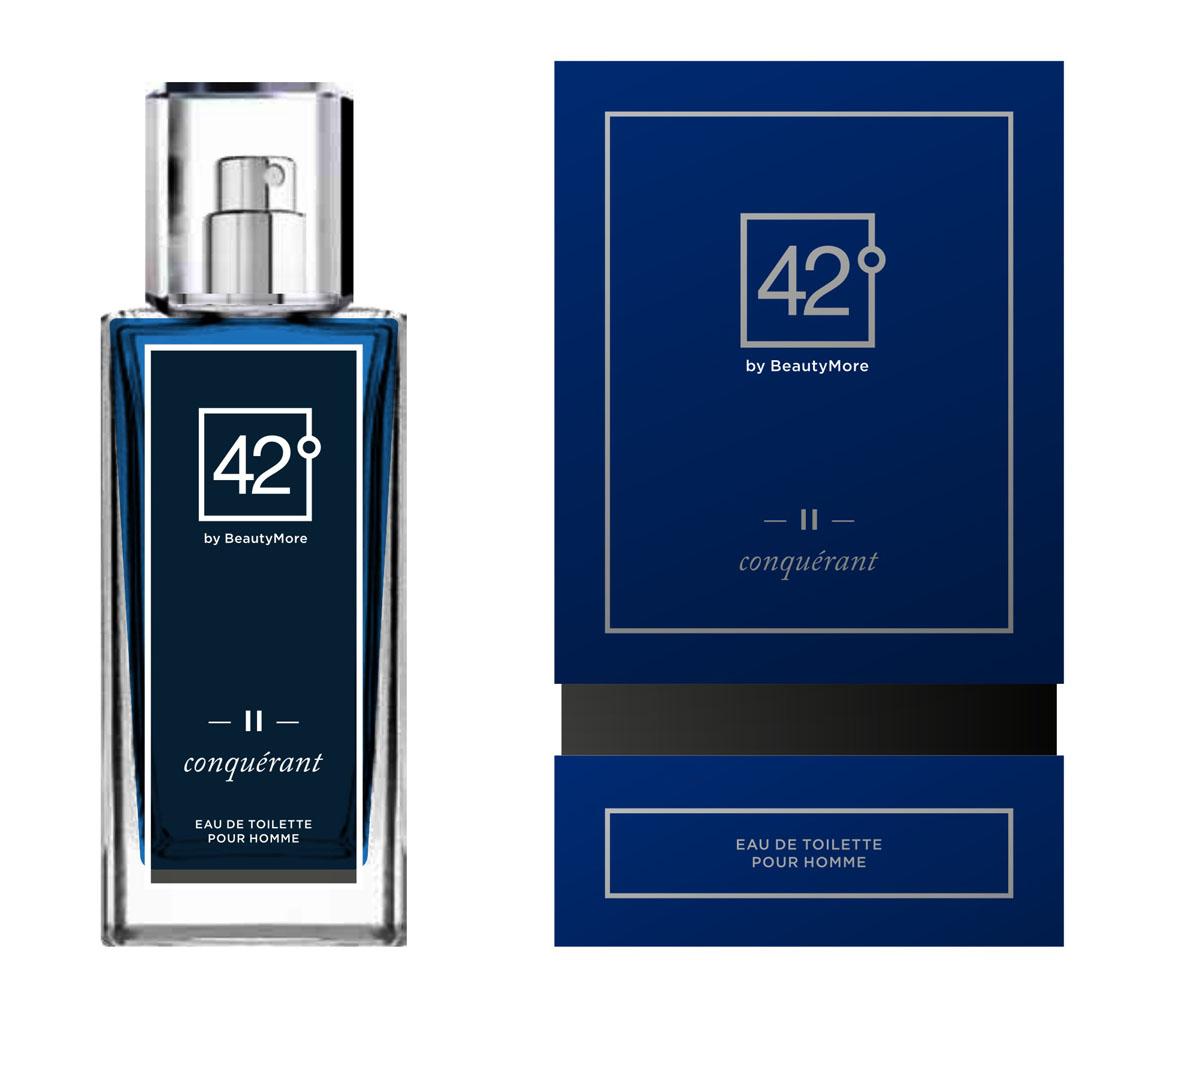 Fragrance 42 Туалетная вода для мужчин II Conquerant 100 мл42-96158Конкьюрант - аромат созданный для настоящих,решительных, мужчин,уверенных в себе и смело покоряющих любые цели. Этот аромат станет завершающей ноткой в вашем неотразимом образе. Верхняя нота-грейпфрут,мандарин,морские ноты нота сердца - лавровый лист,жасмин,базовые ноты - Гваяковое дерево,дубовый мох,пачули,серый янтарь